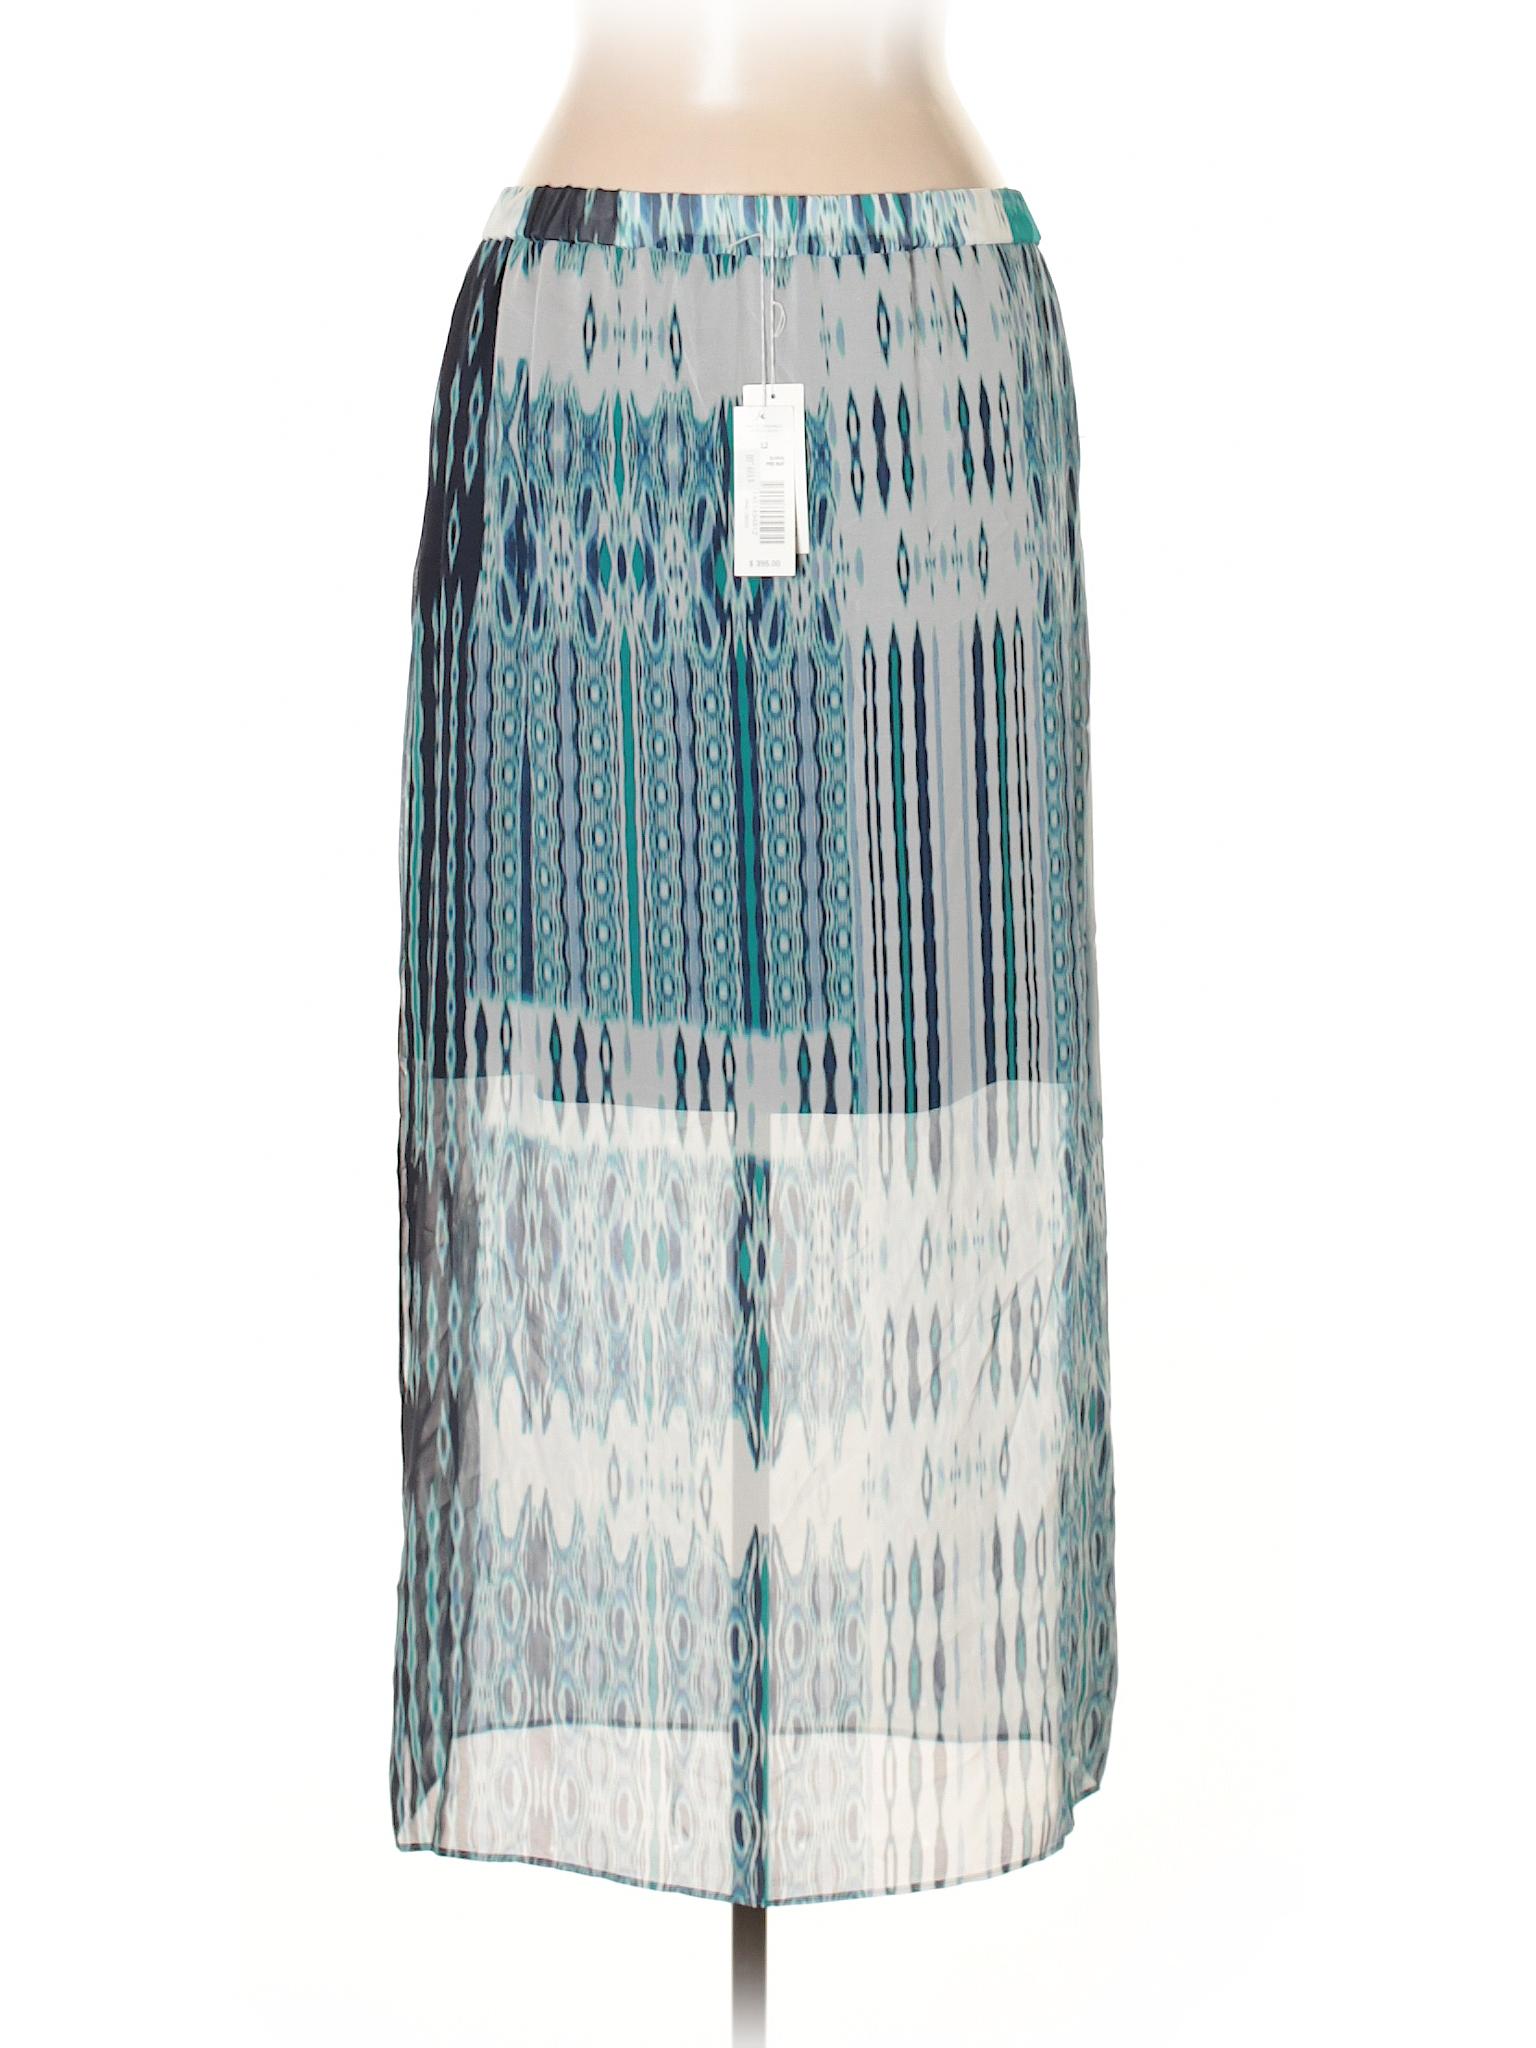 Skirt Boutique Silk Boutique Silk wHv1Bqz